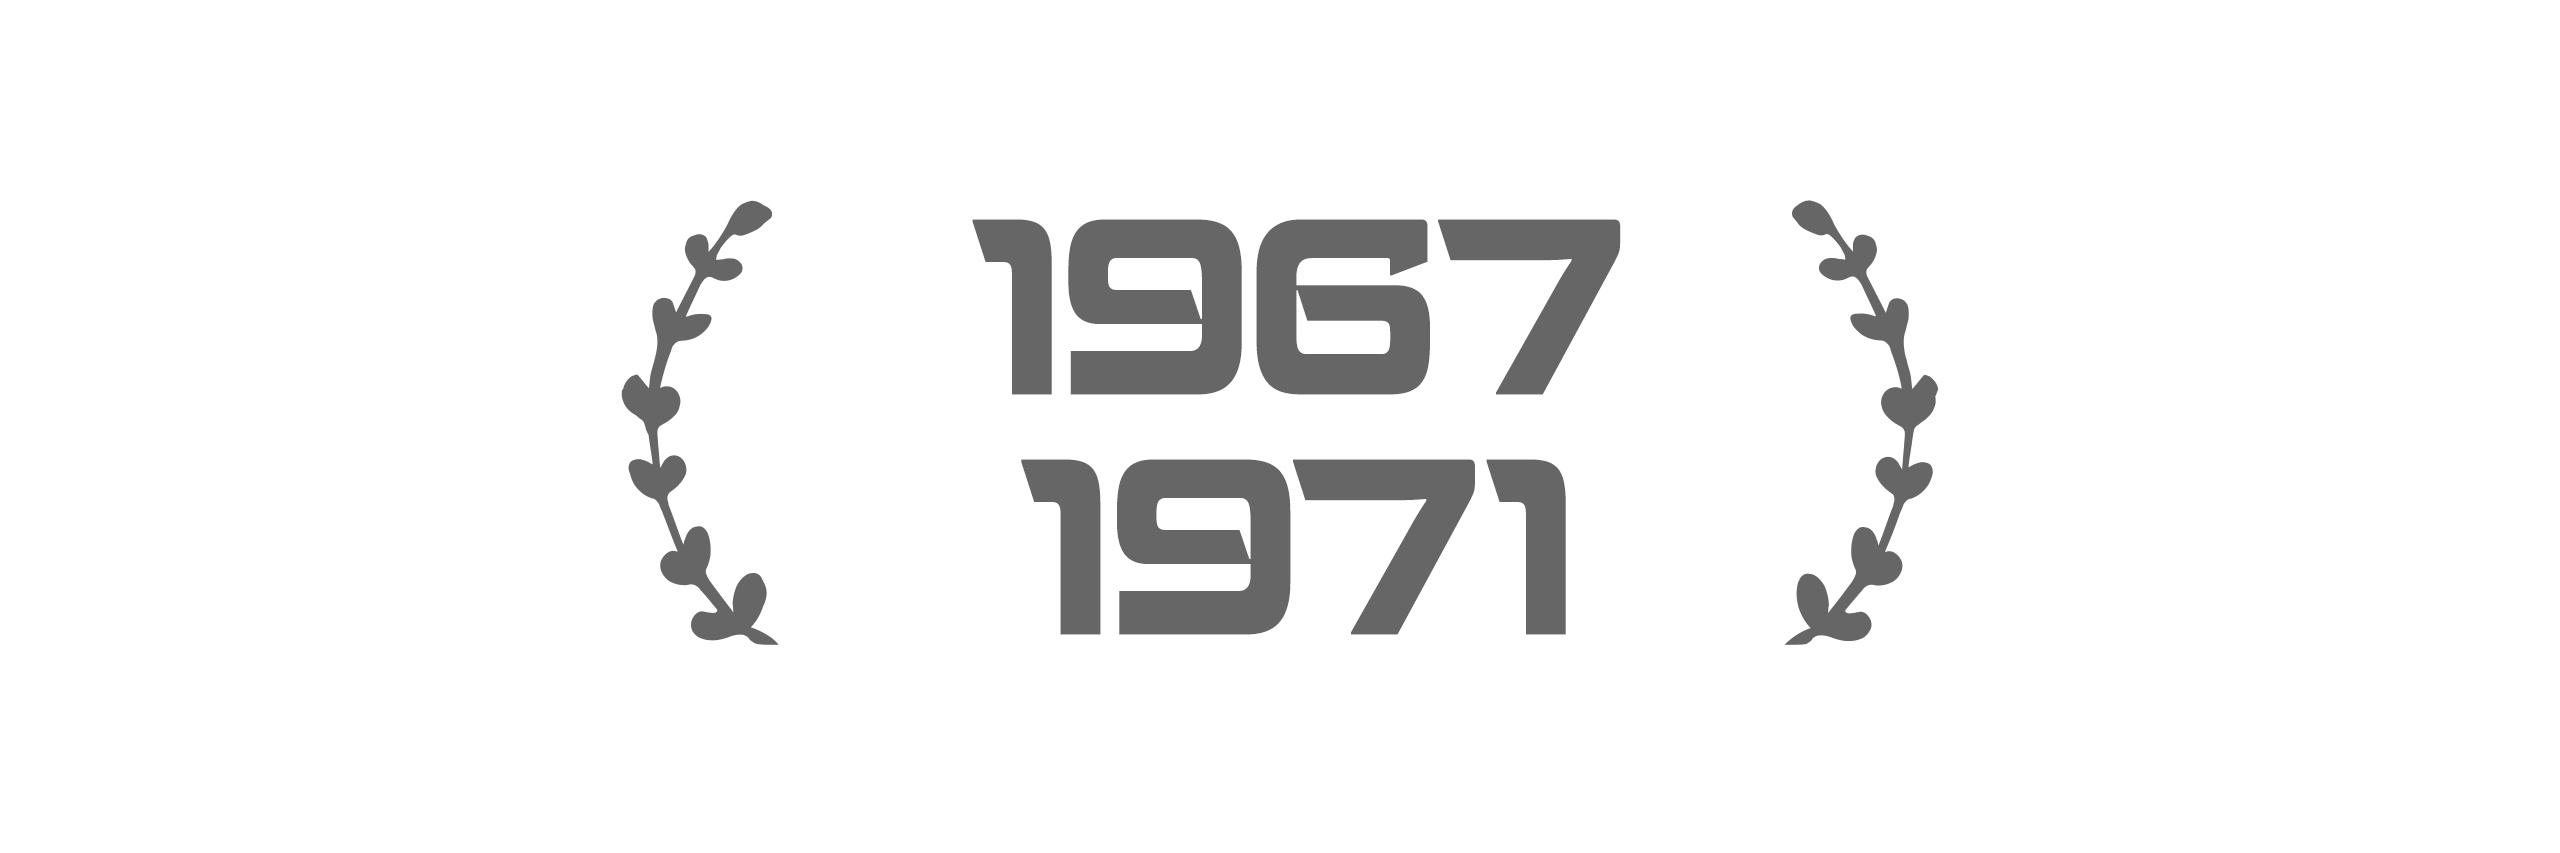 1967-1971.jpg